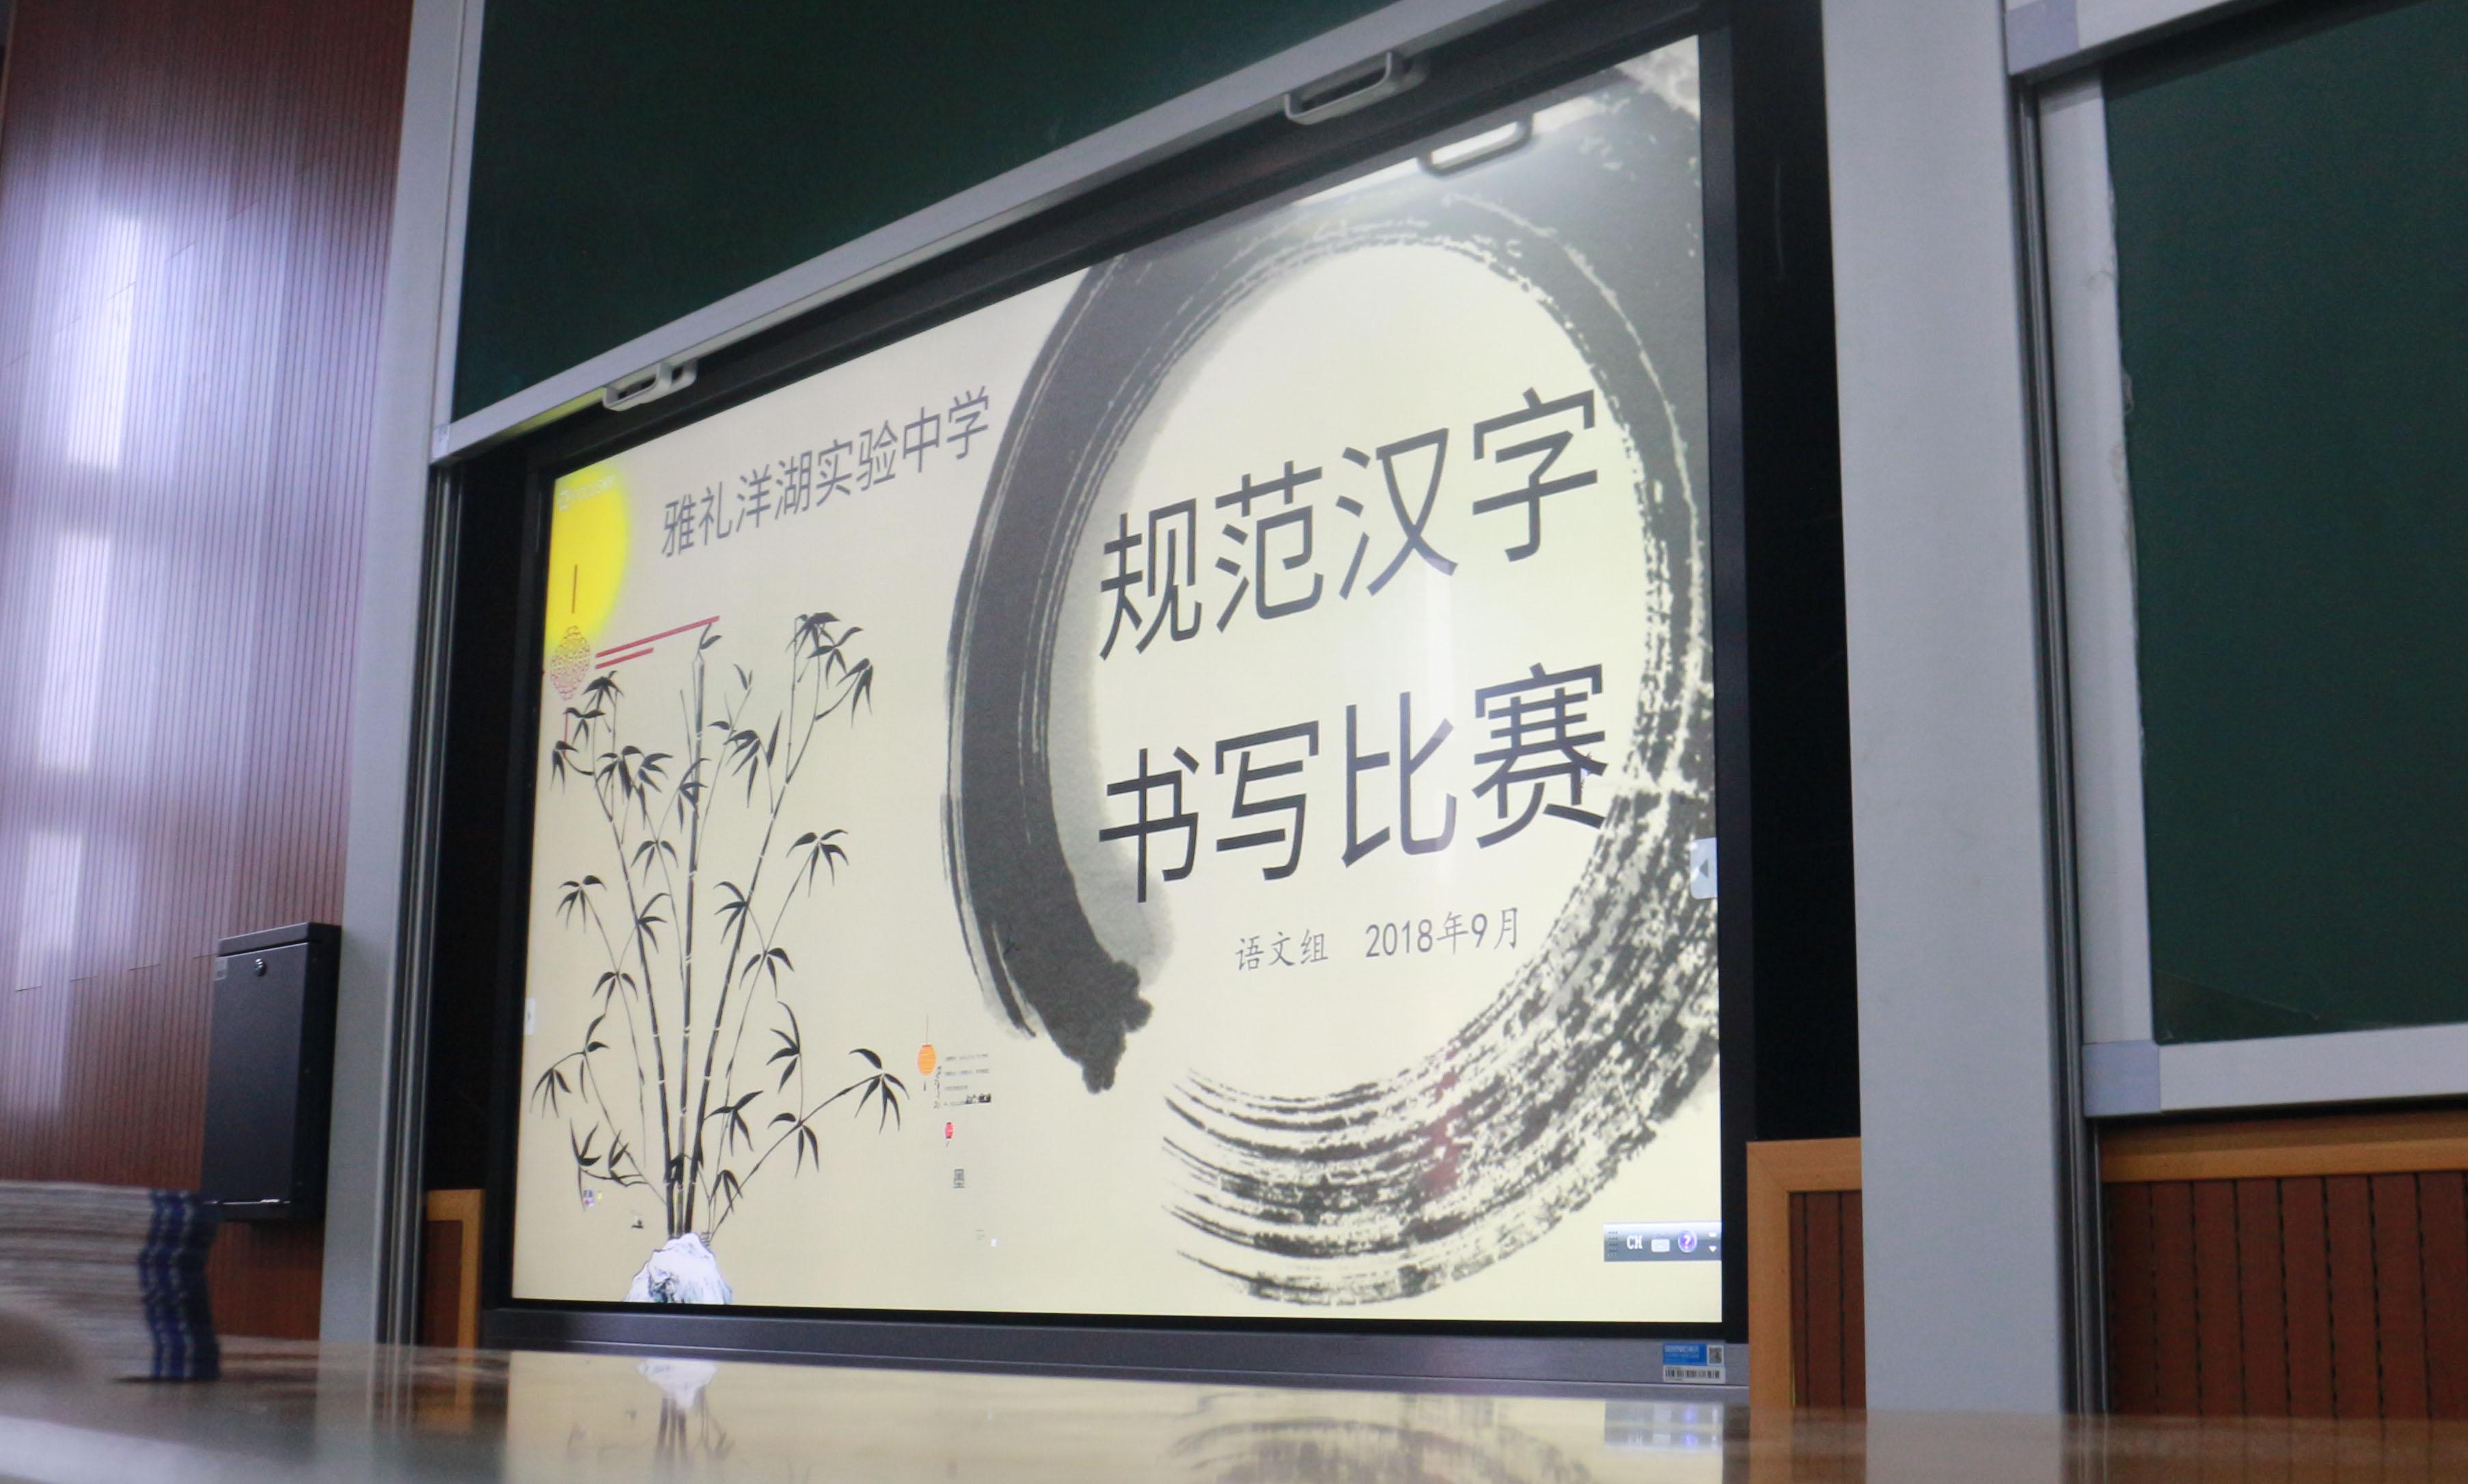 长沙市雅礼洋湖实验中学开展规范汉字书写大赛